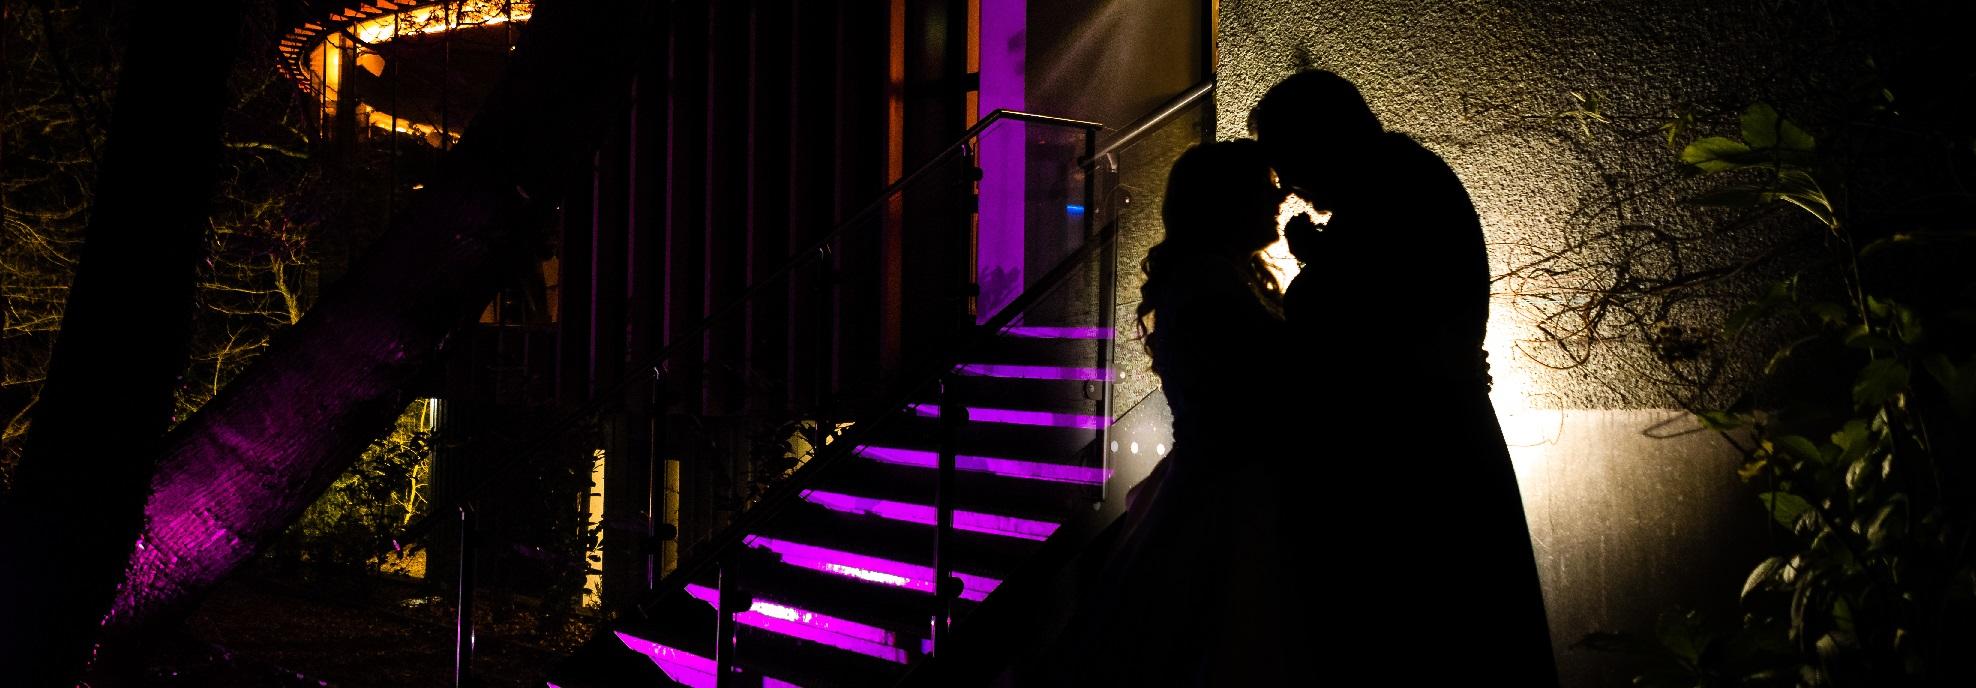 Fariyhill Wedding | Joanne and Daniel's Gower Wedding